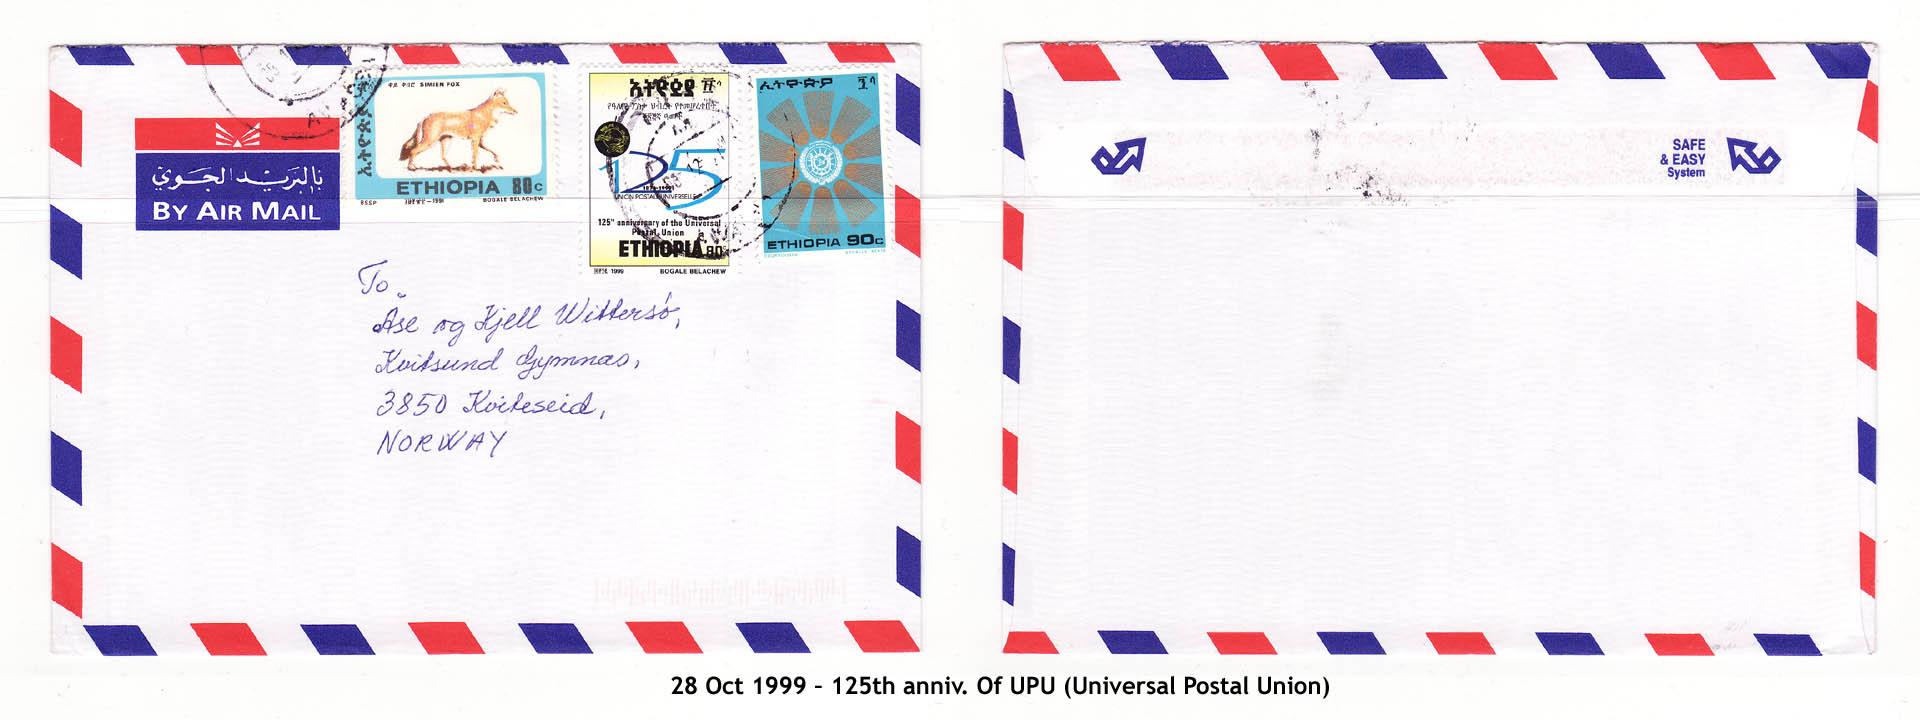 19991028 – 125th anniv. Of UPU (Universal Postal Union)